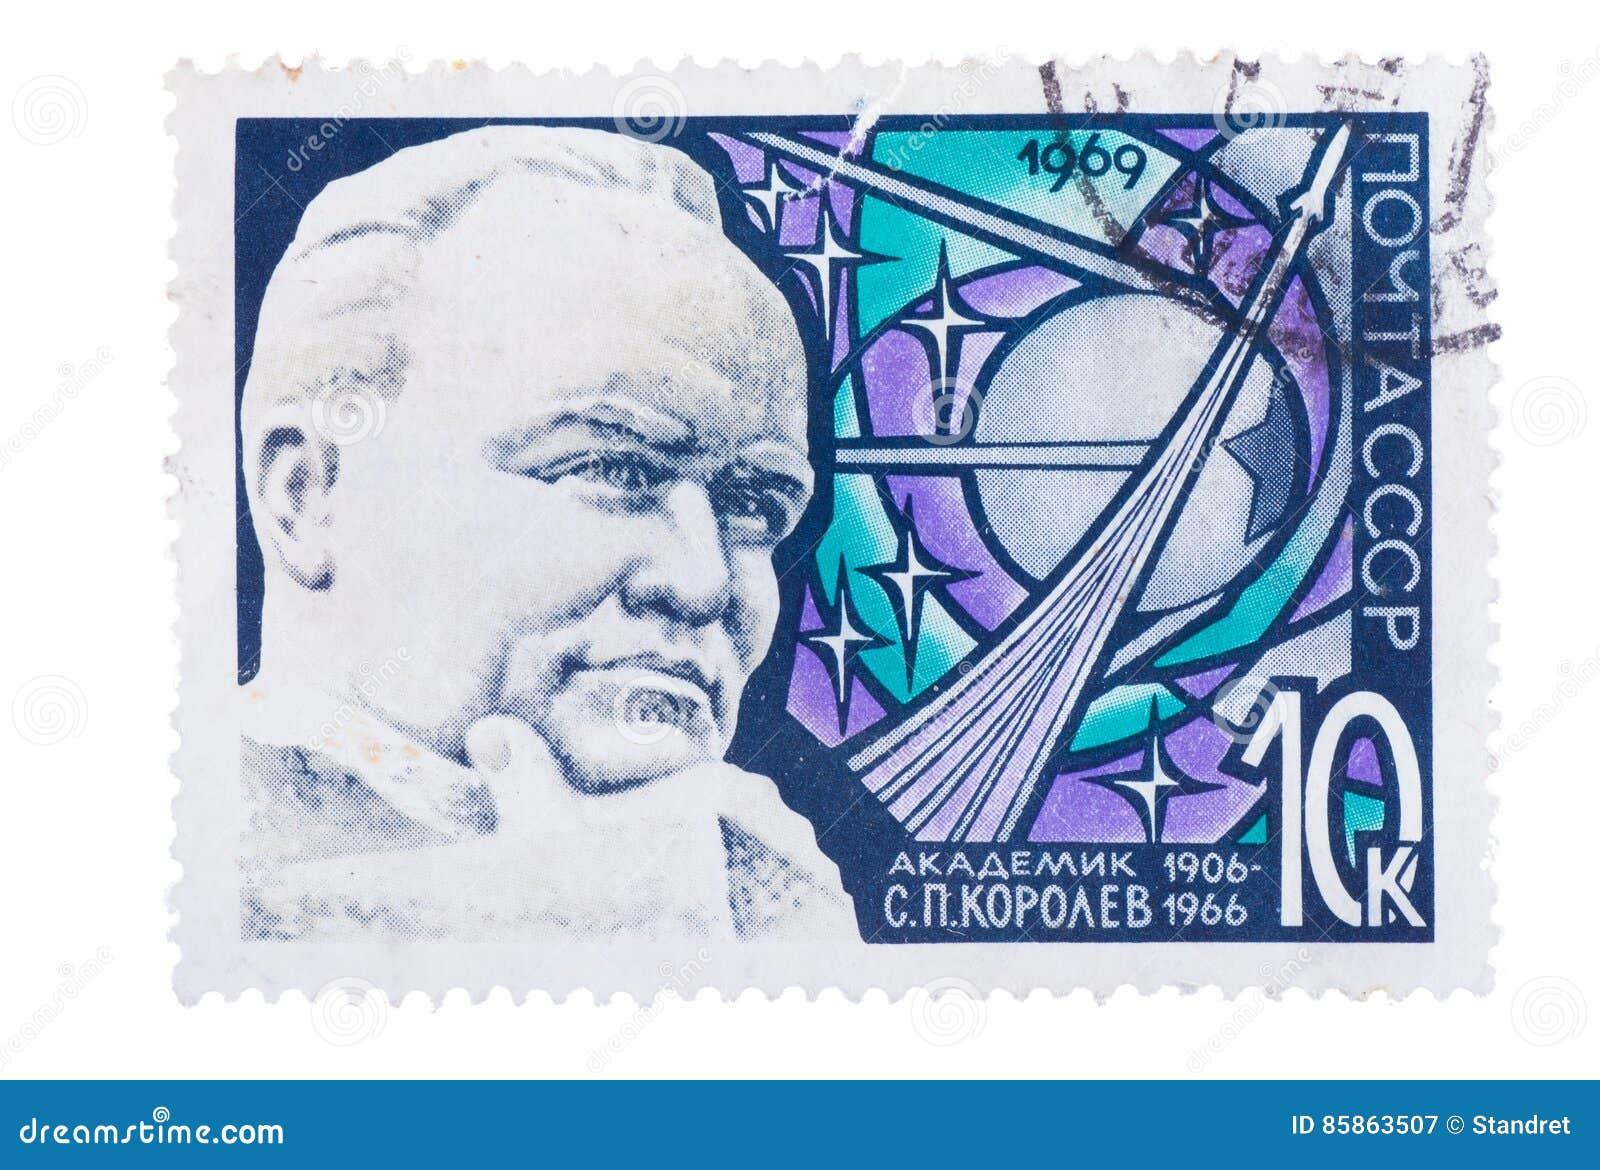 URSS - CERCA DE 1969: Um selo postal impresso nas mostras p